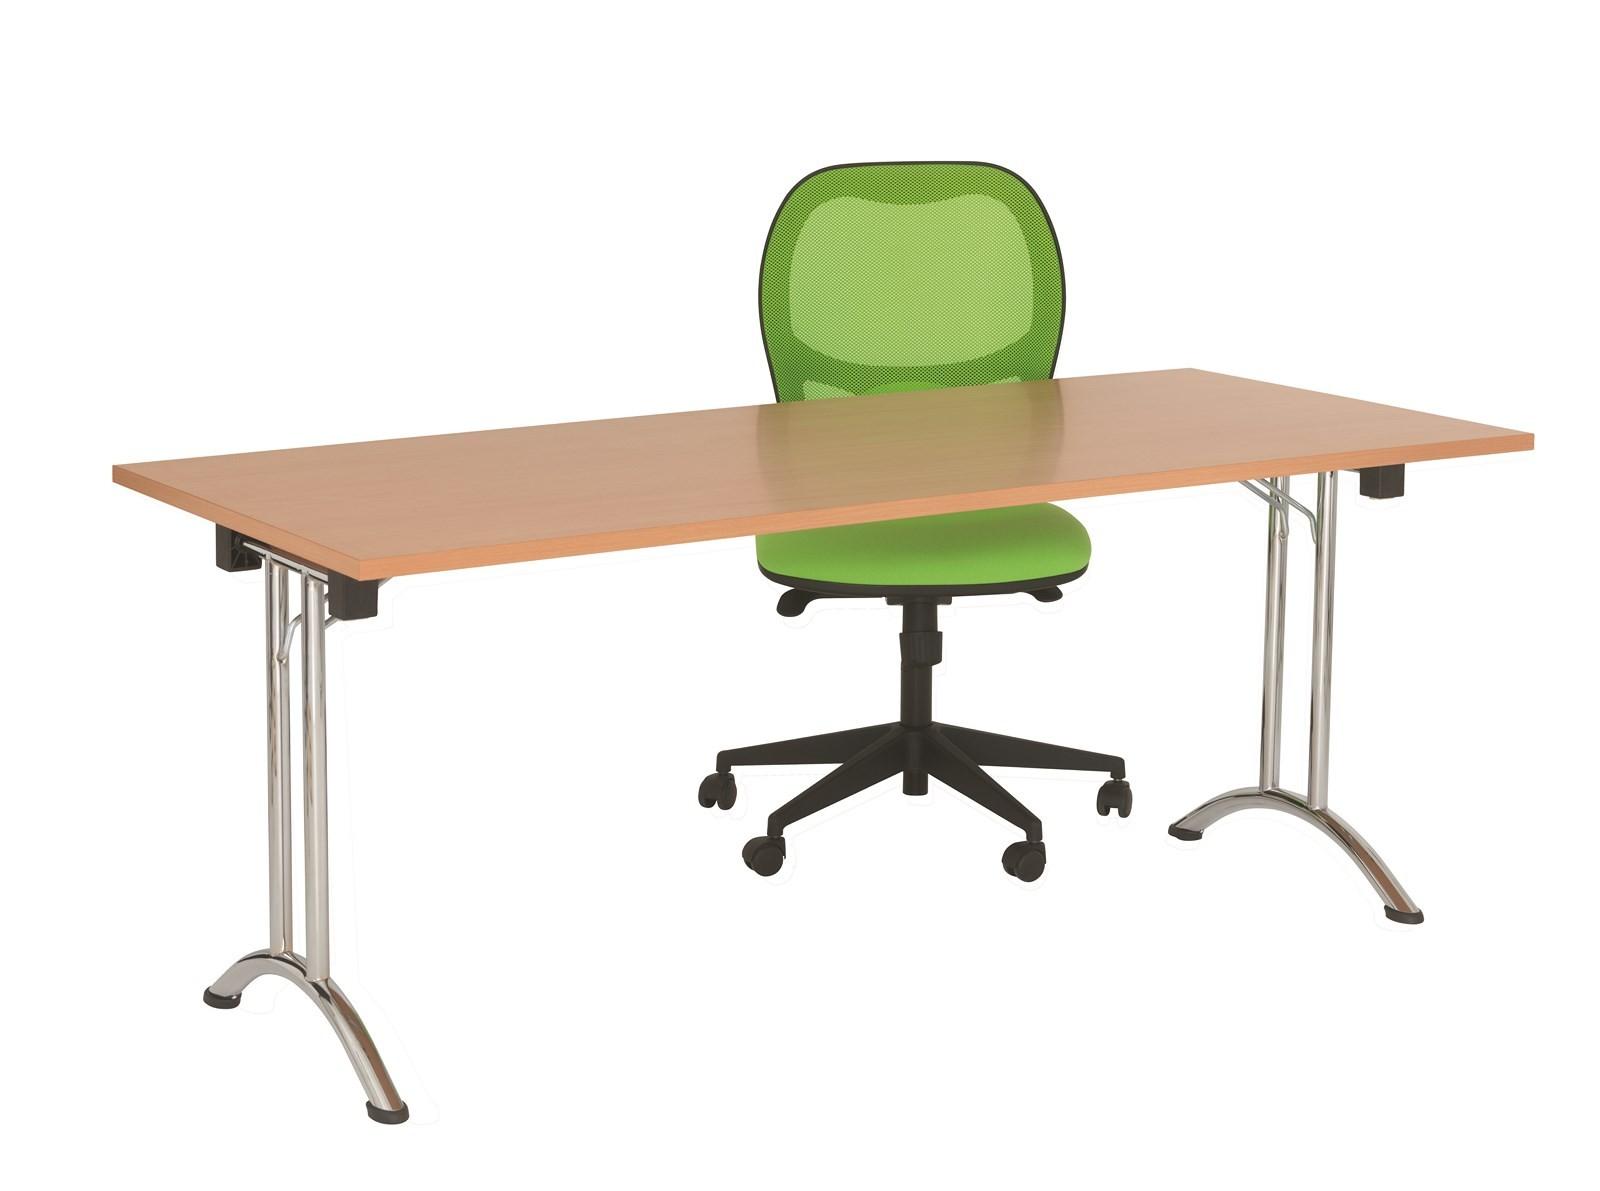 table pliante empilable dom achat tables de r union 159 00. Black Bedroom Furniture Sets. Home Design Ideas